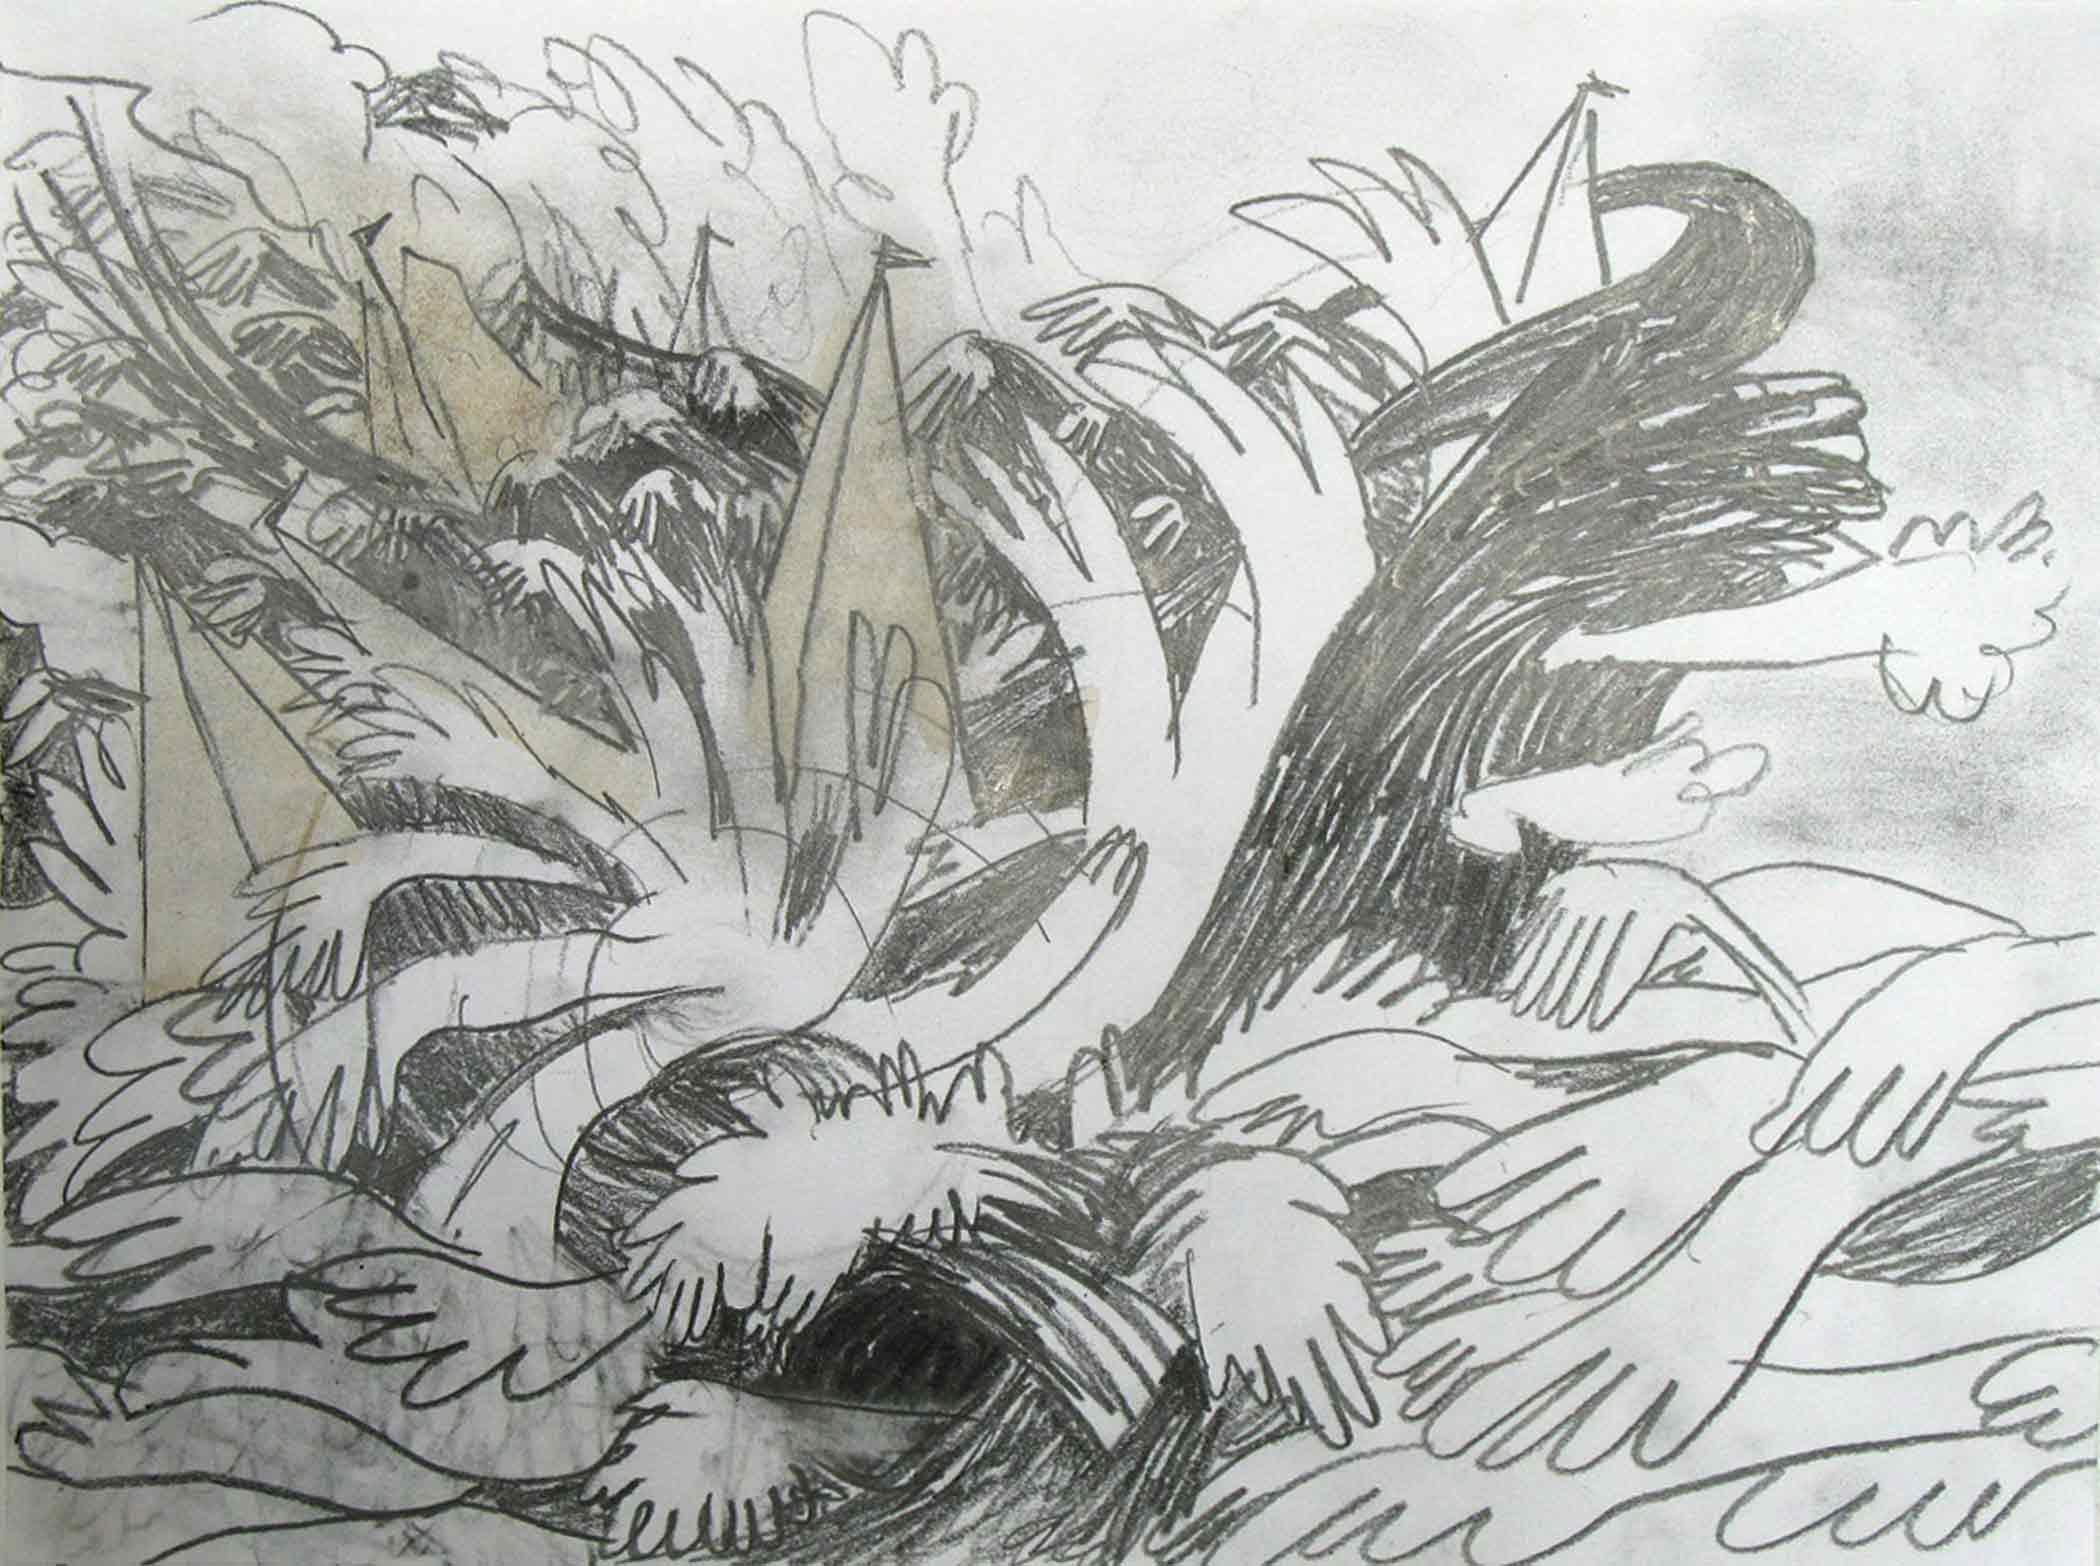 Zeegezicht (Sea piece)  potlood, aquarel 24 x 32 cm, 2010